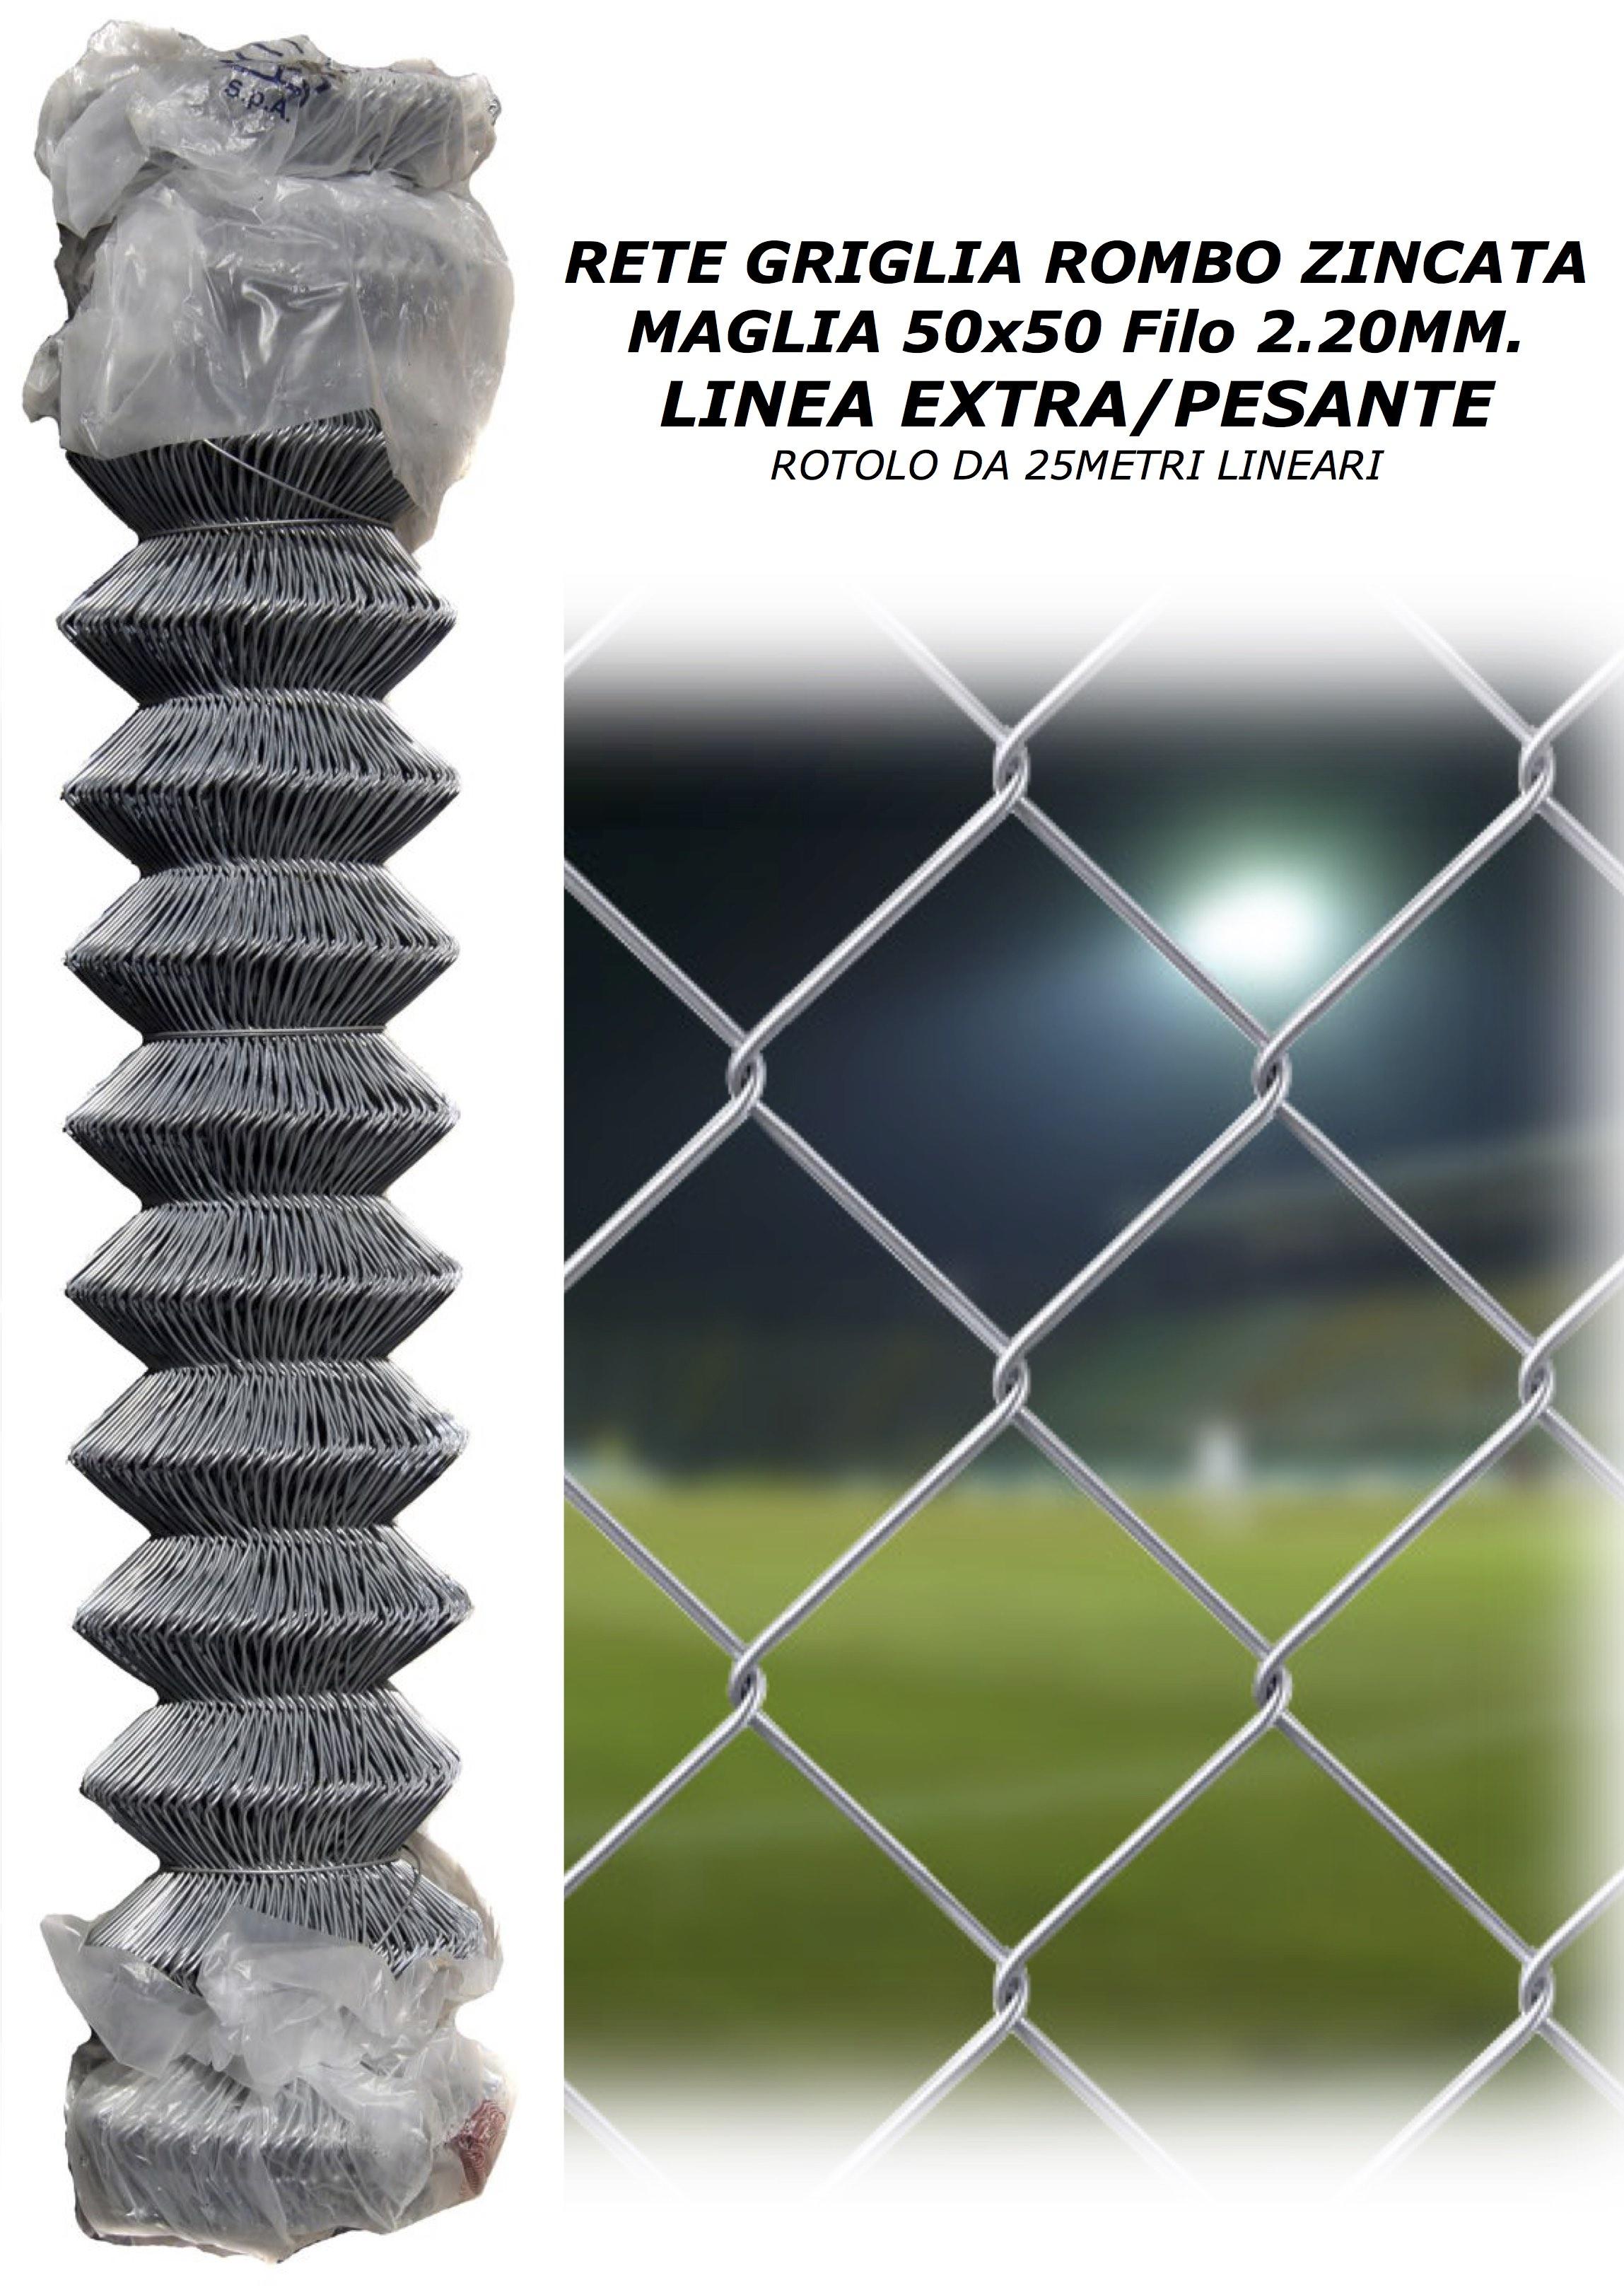 rete maglia 50x50 linea extra pesante